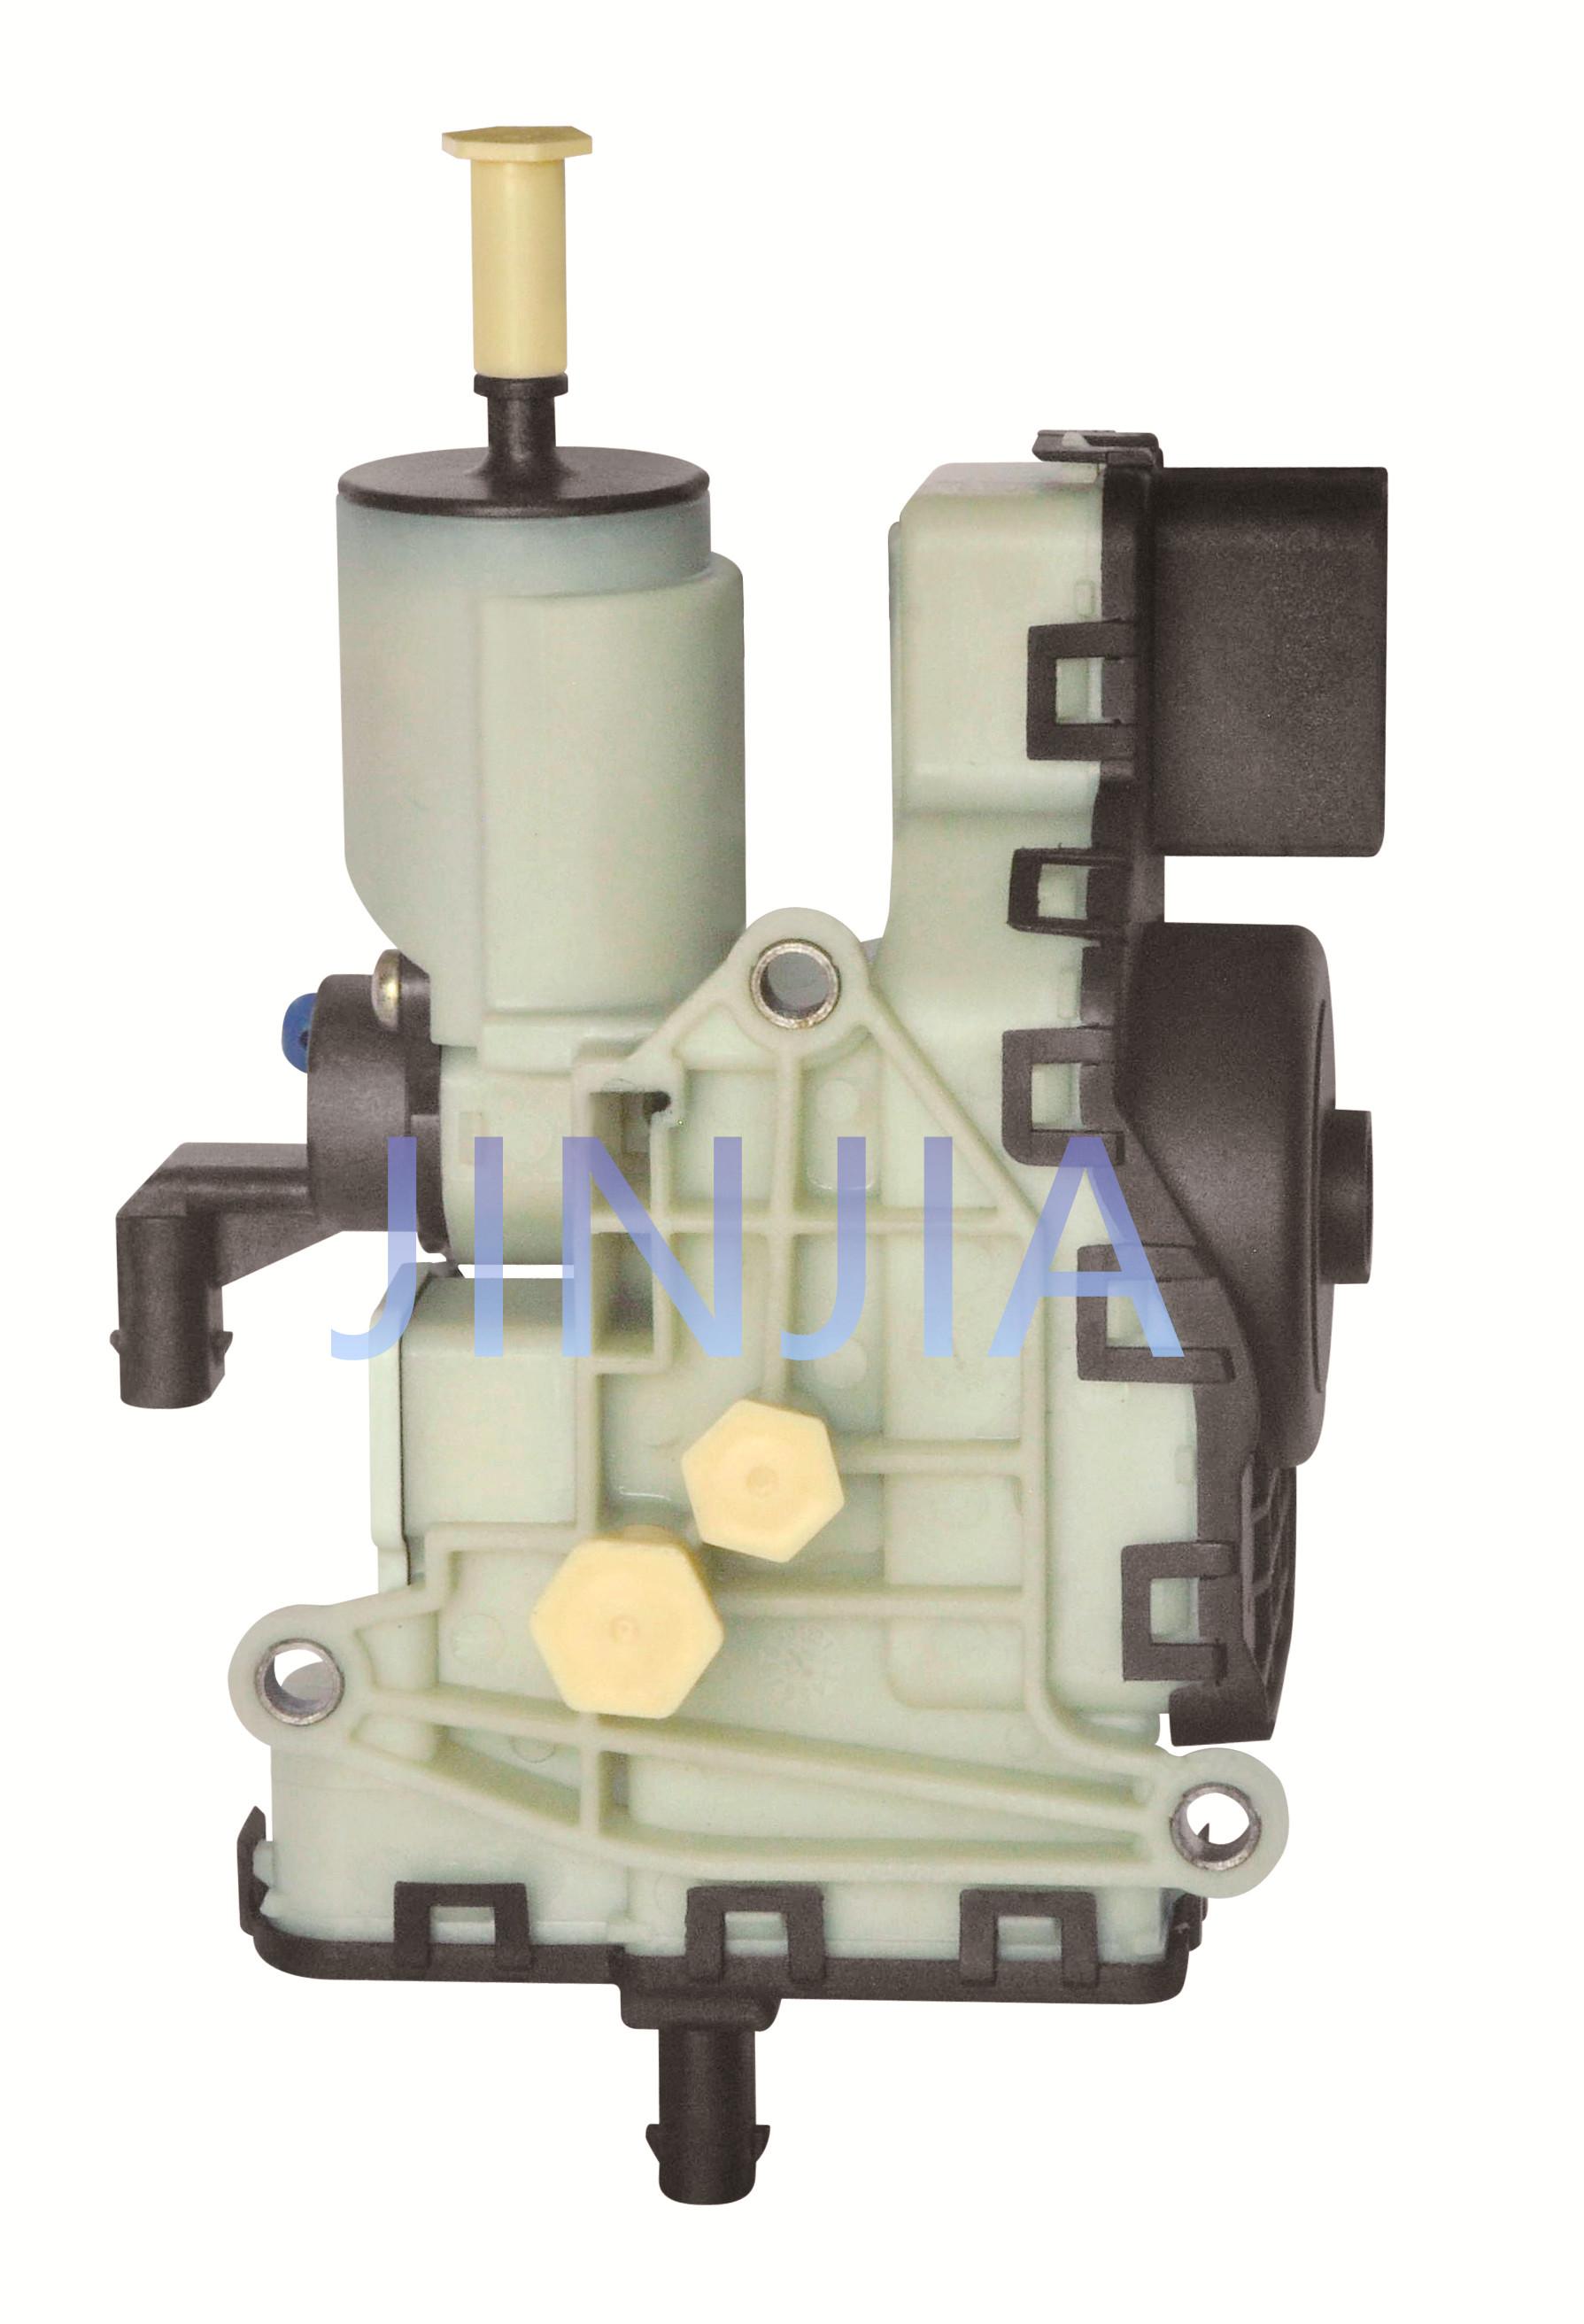 Benz 0024706894 DEF pump,Adblue pump for SCR system